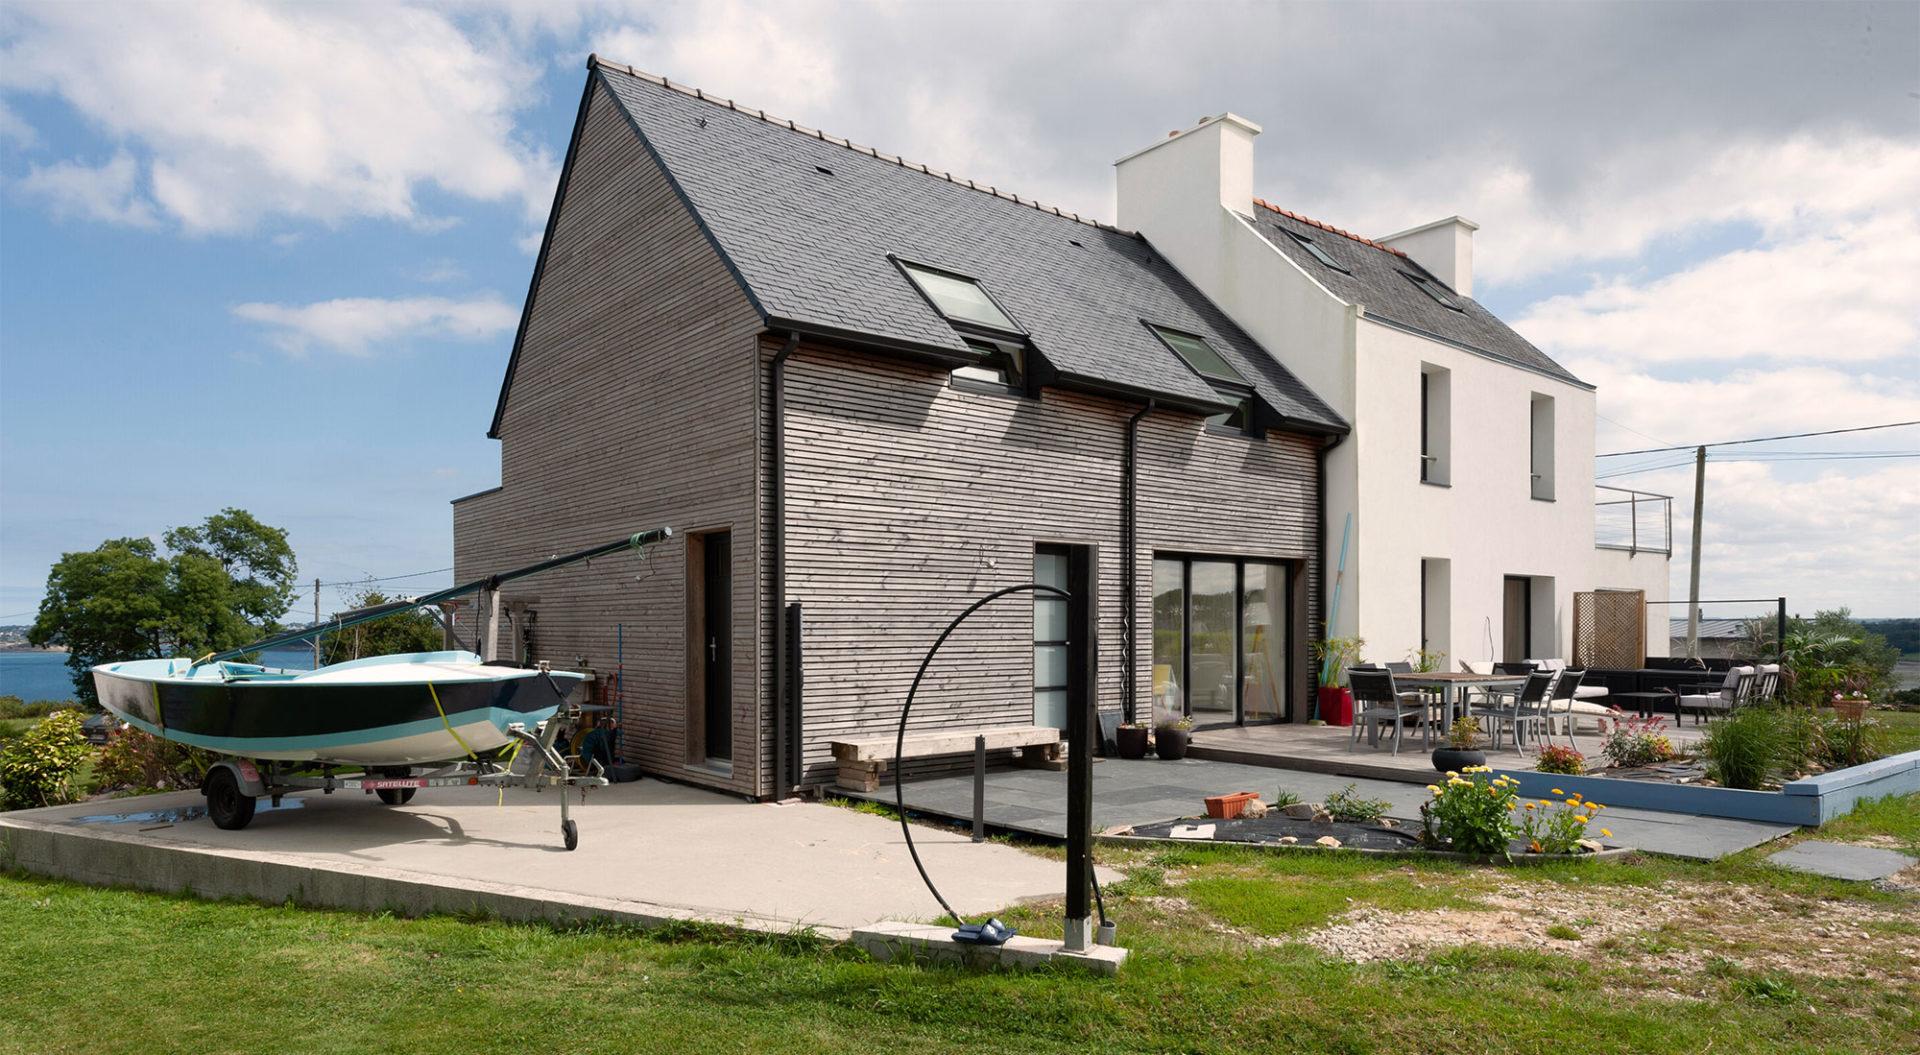 Extension maison à étage avec toiture double pente et bardage bois horizontal